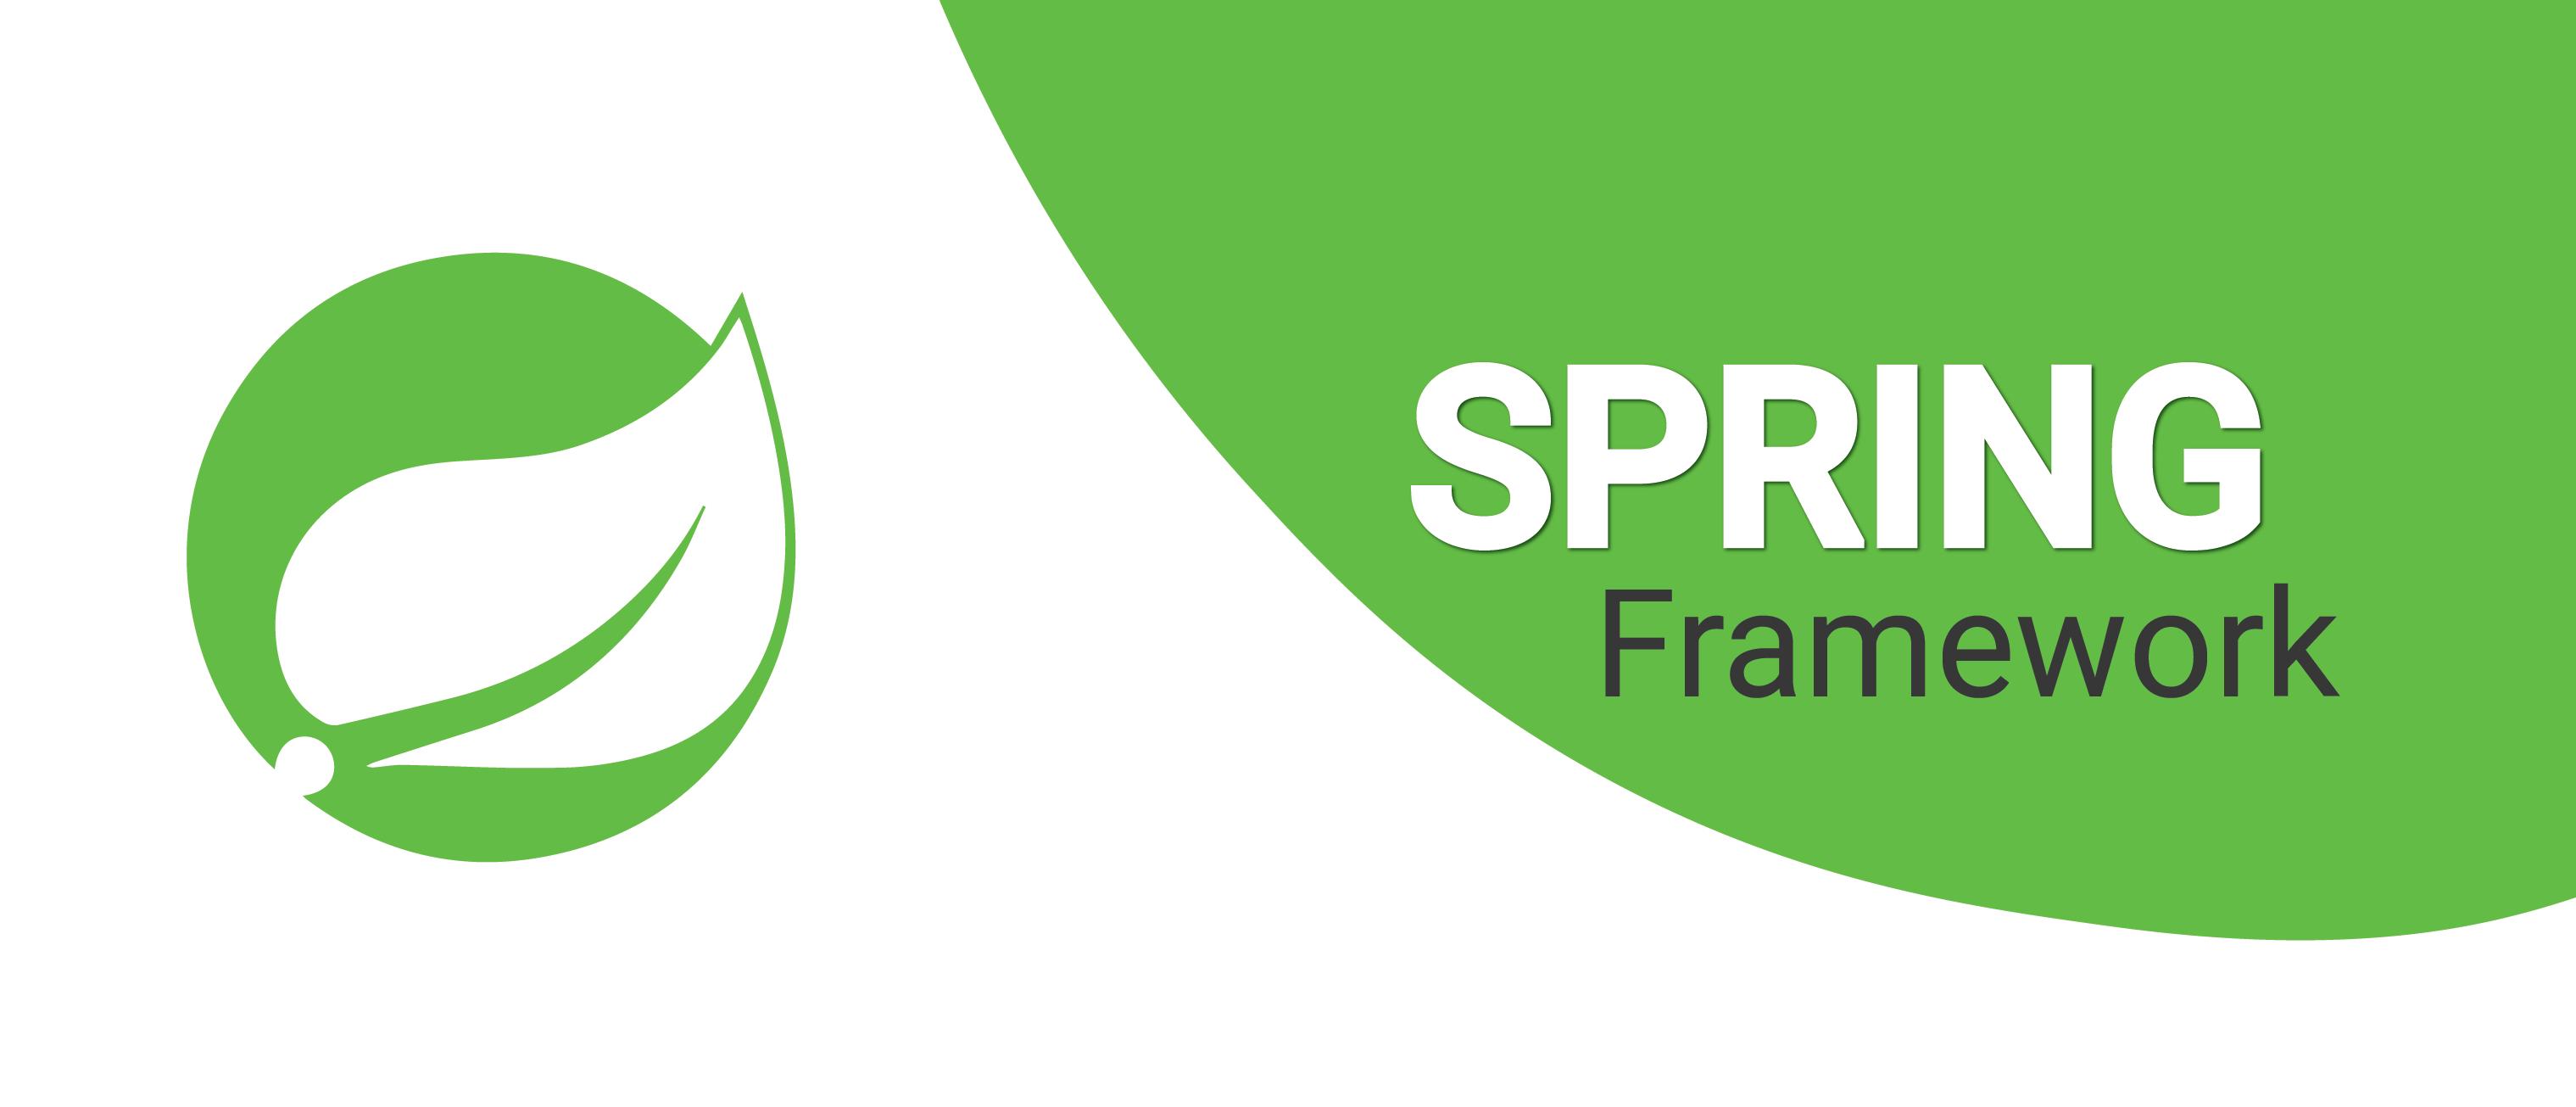 Spring 5: cos'è e come si utilizza per sviluppare applicazioni in java